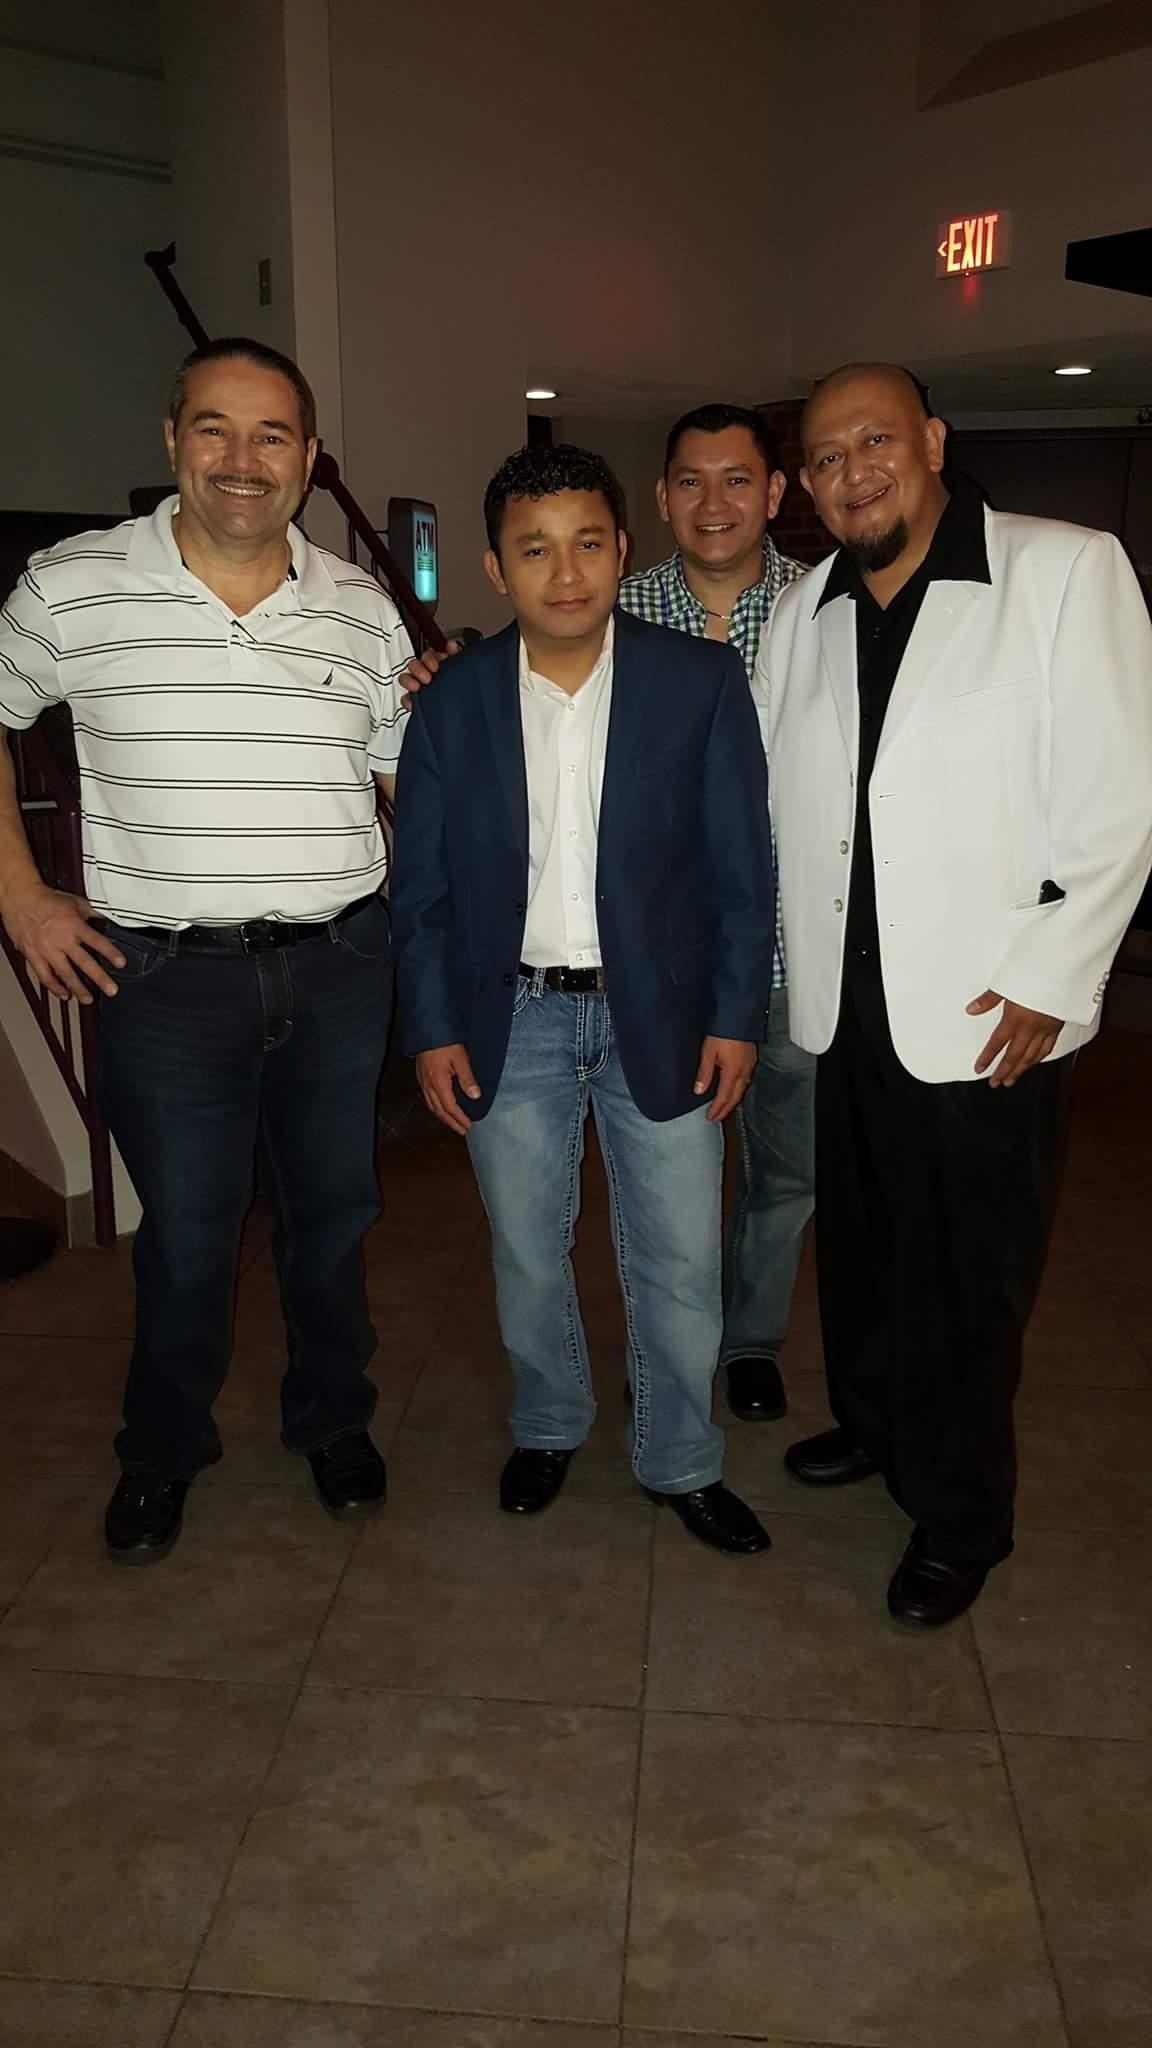 Ricardo, Jose, y Chris y Amigo